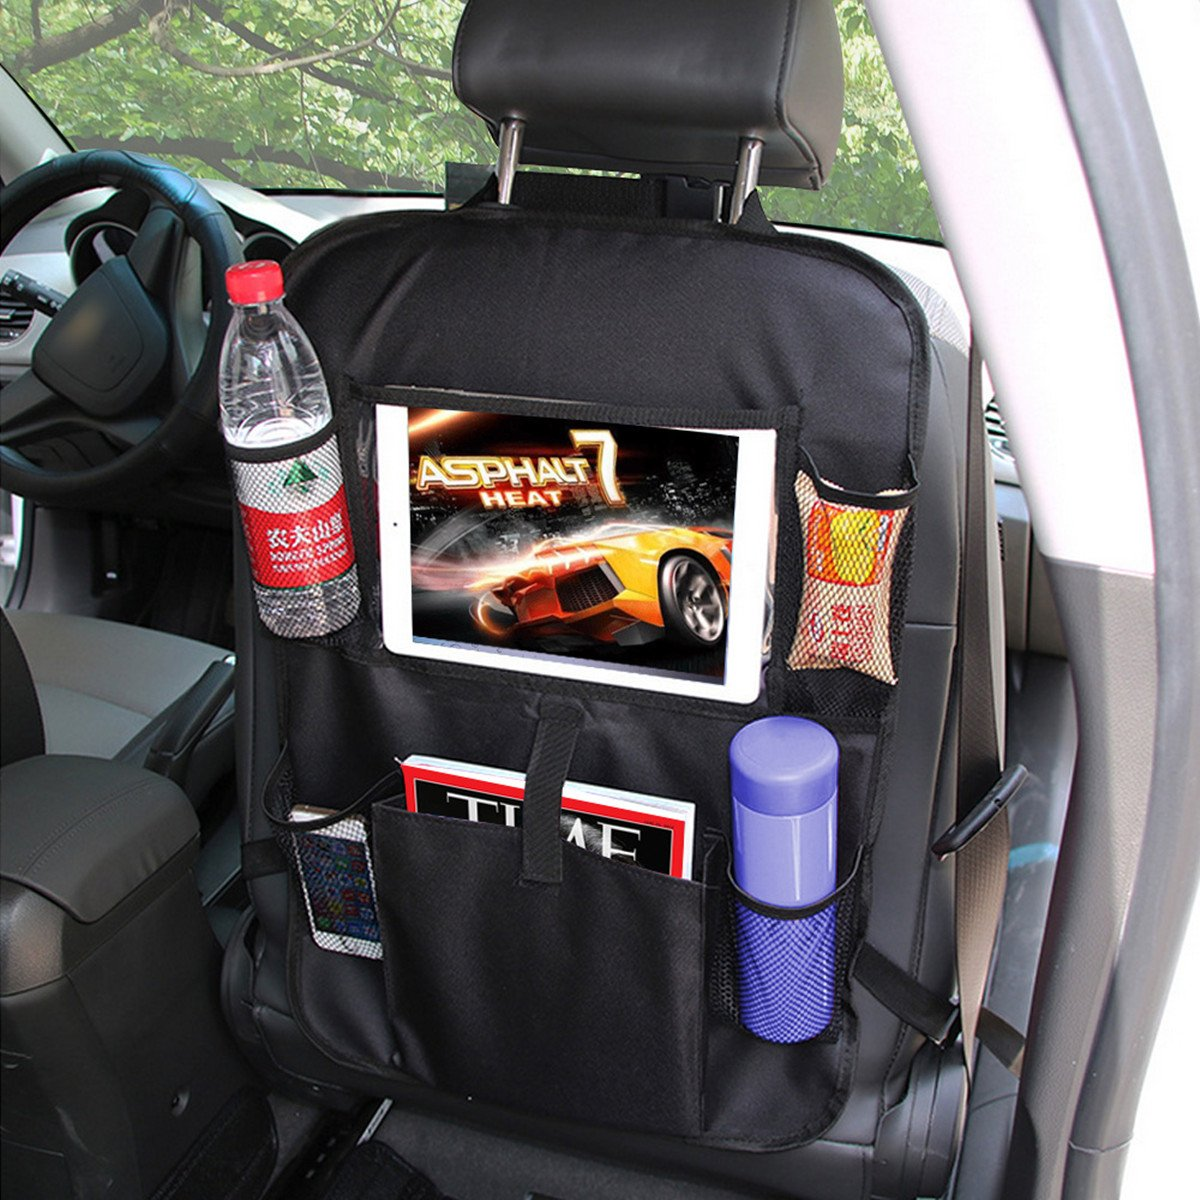 MATCC Protezione Sedile Auto Organizer Auto Bambini Proteggi Sedile Auto Tappetino Protettore Impermeabile Oxford Nero con Tasca MATCCvlwozlg97